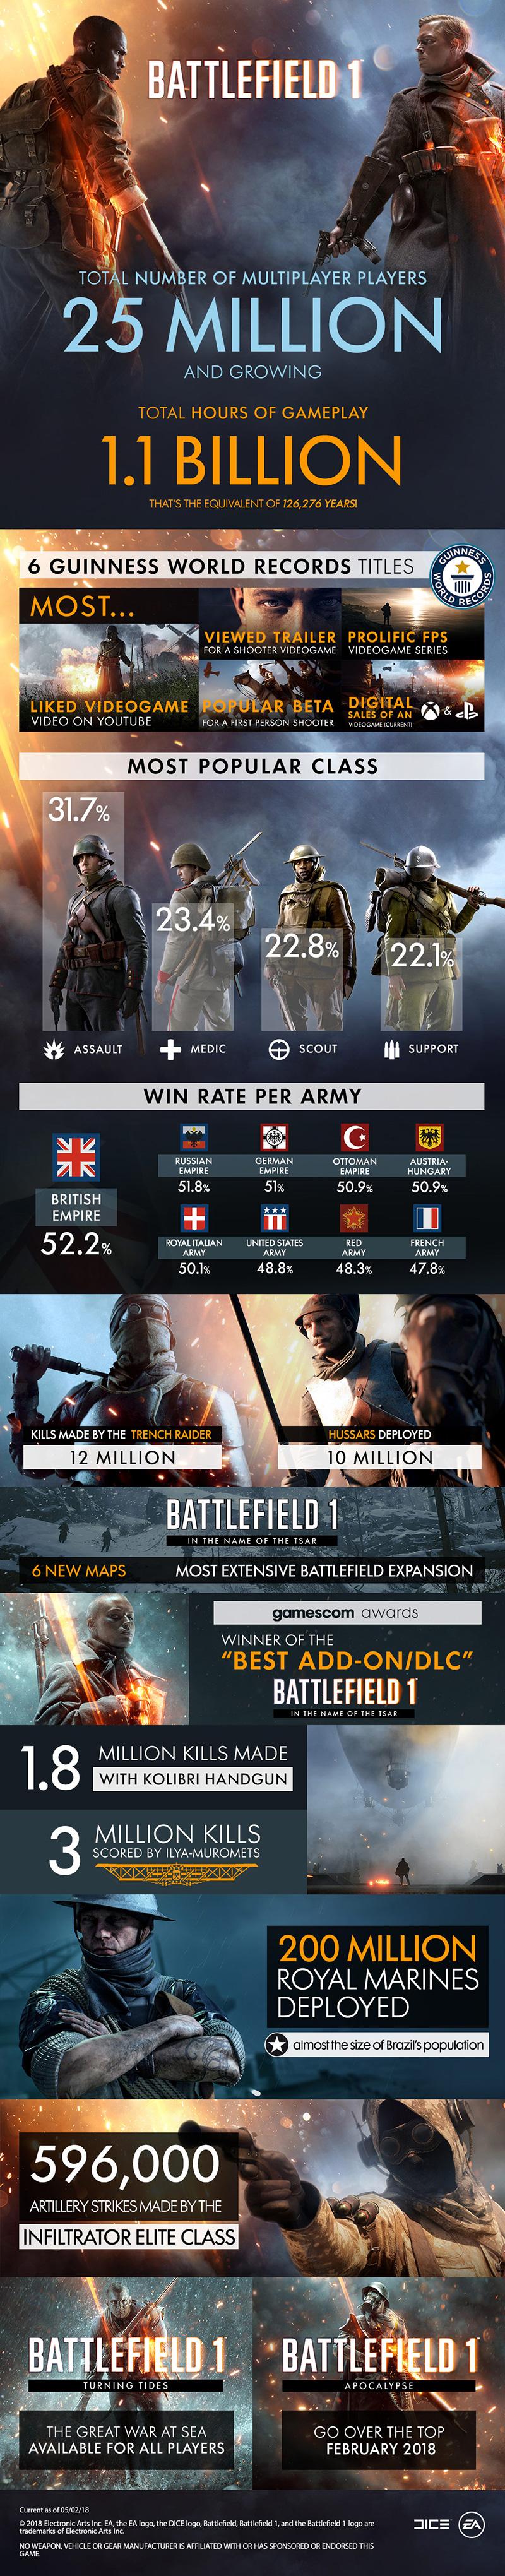 https://content.pulse.ea.com/content/dam/legacy/ea/battlefield-portal/news/2018/feb/bf-infographic-feb.jpg